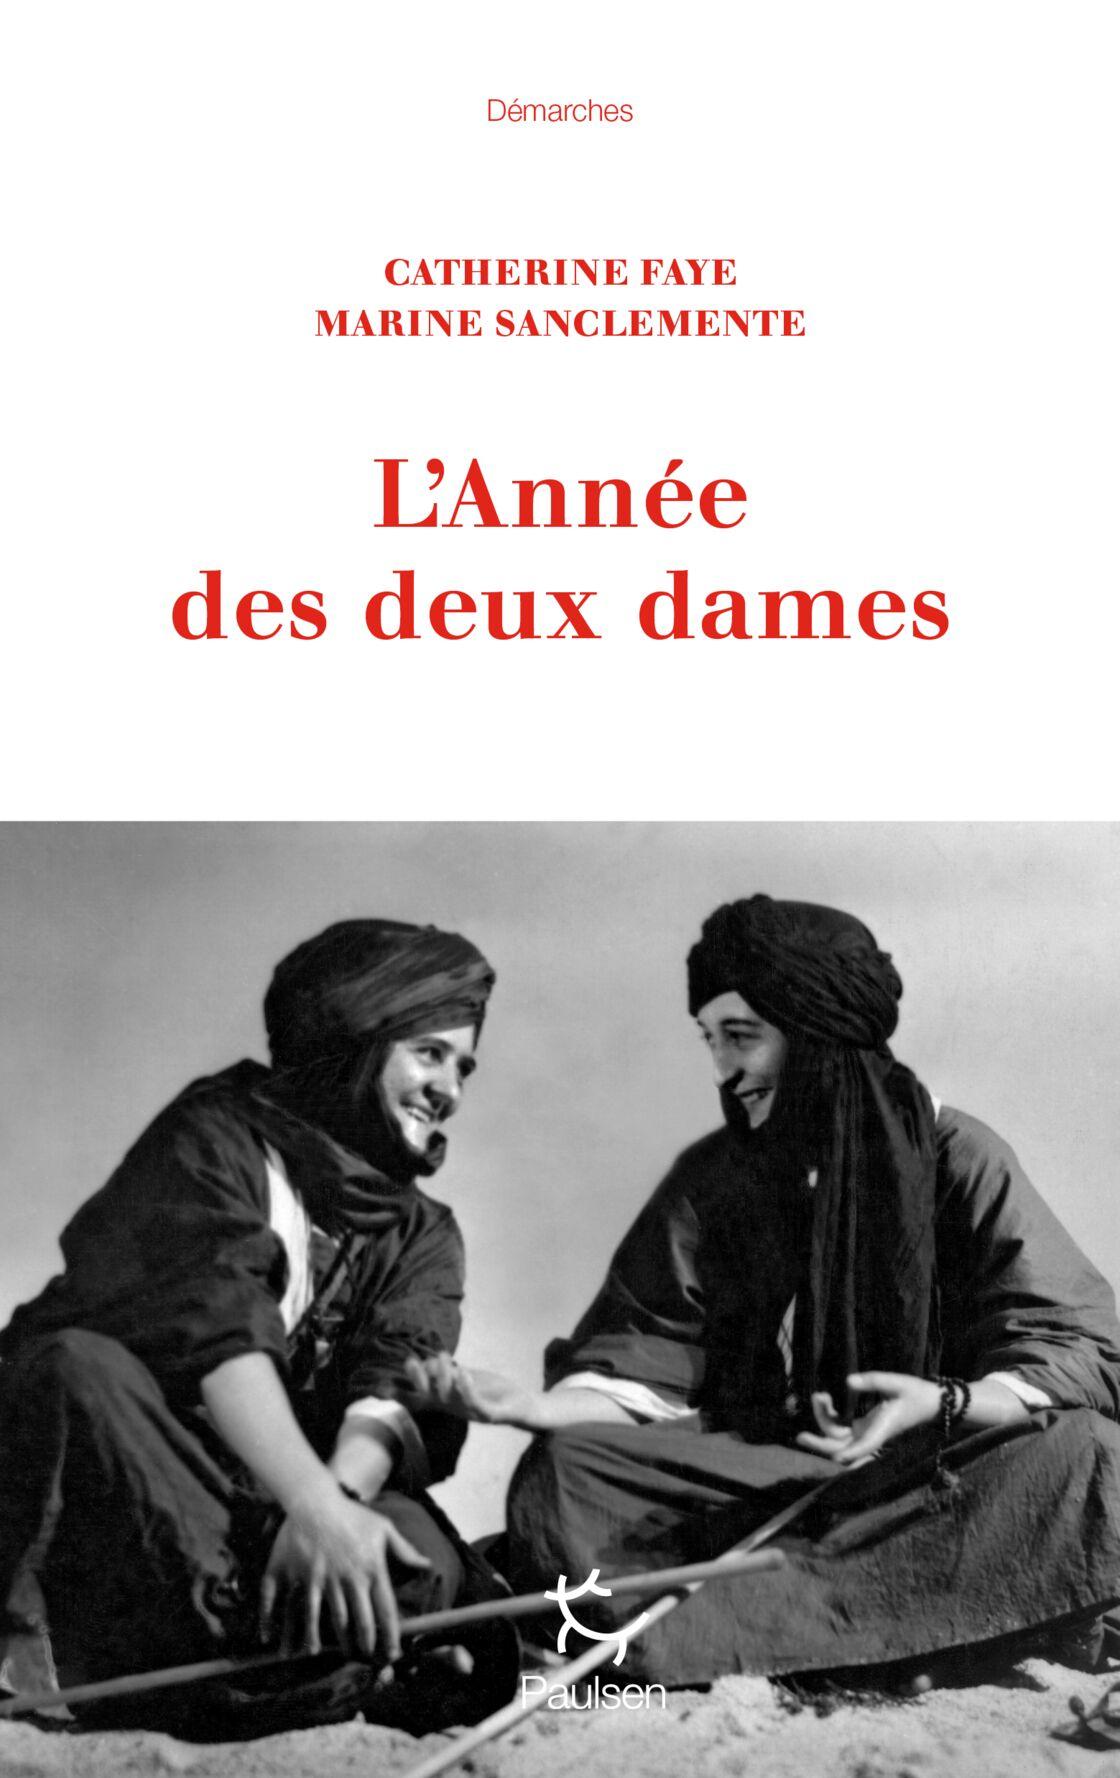 """Catherine Faye et Marine Sanclemente viennent de publier """"L'Année des deux dames"""" (éd. Paulsen, 350 p., 19,50 €). © DR"""